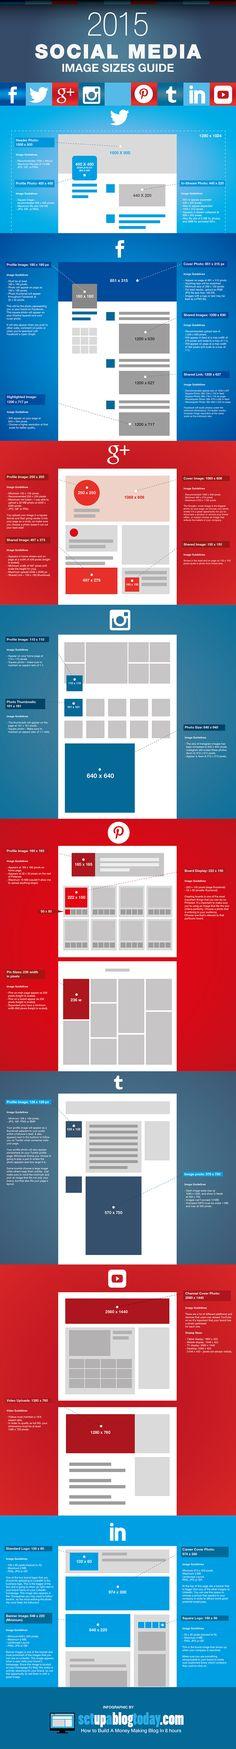 Le guide 2015 des tailles des images sur les réseaux sociaux #SocialMedia Visuels et dimensions à jour de Facebook, Twitter, Linkedin...